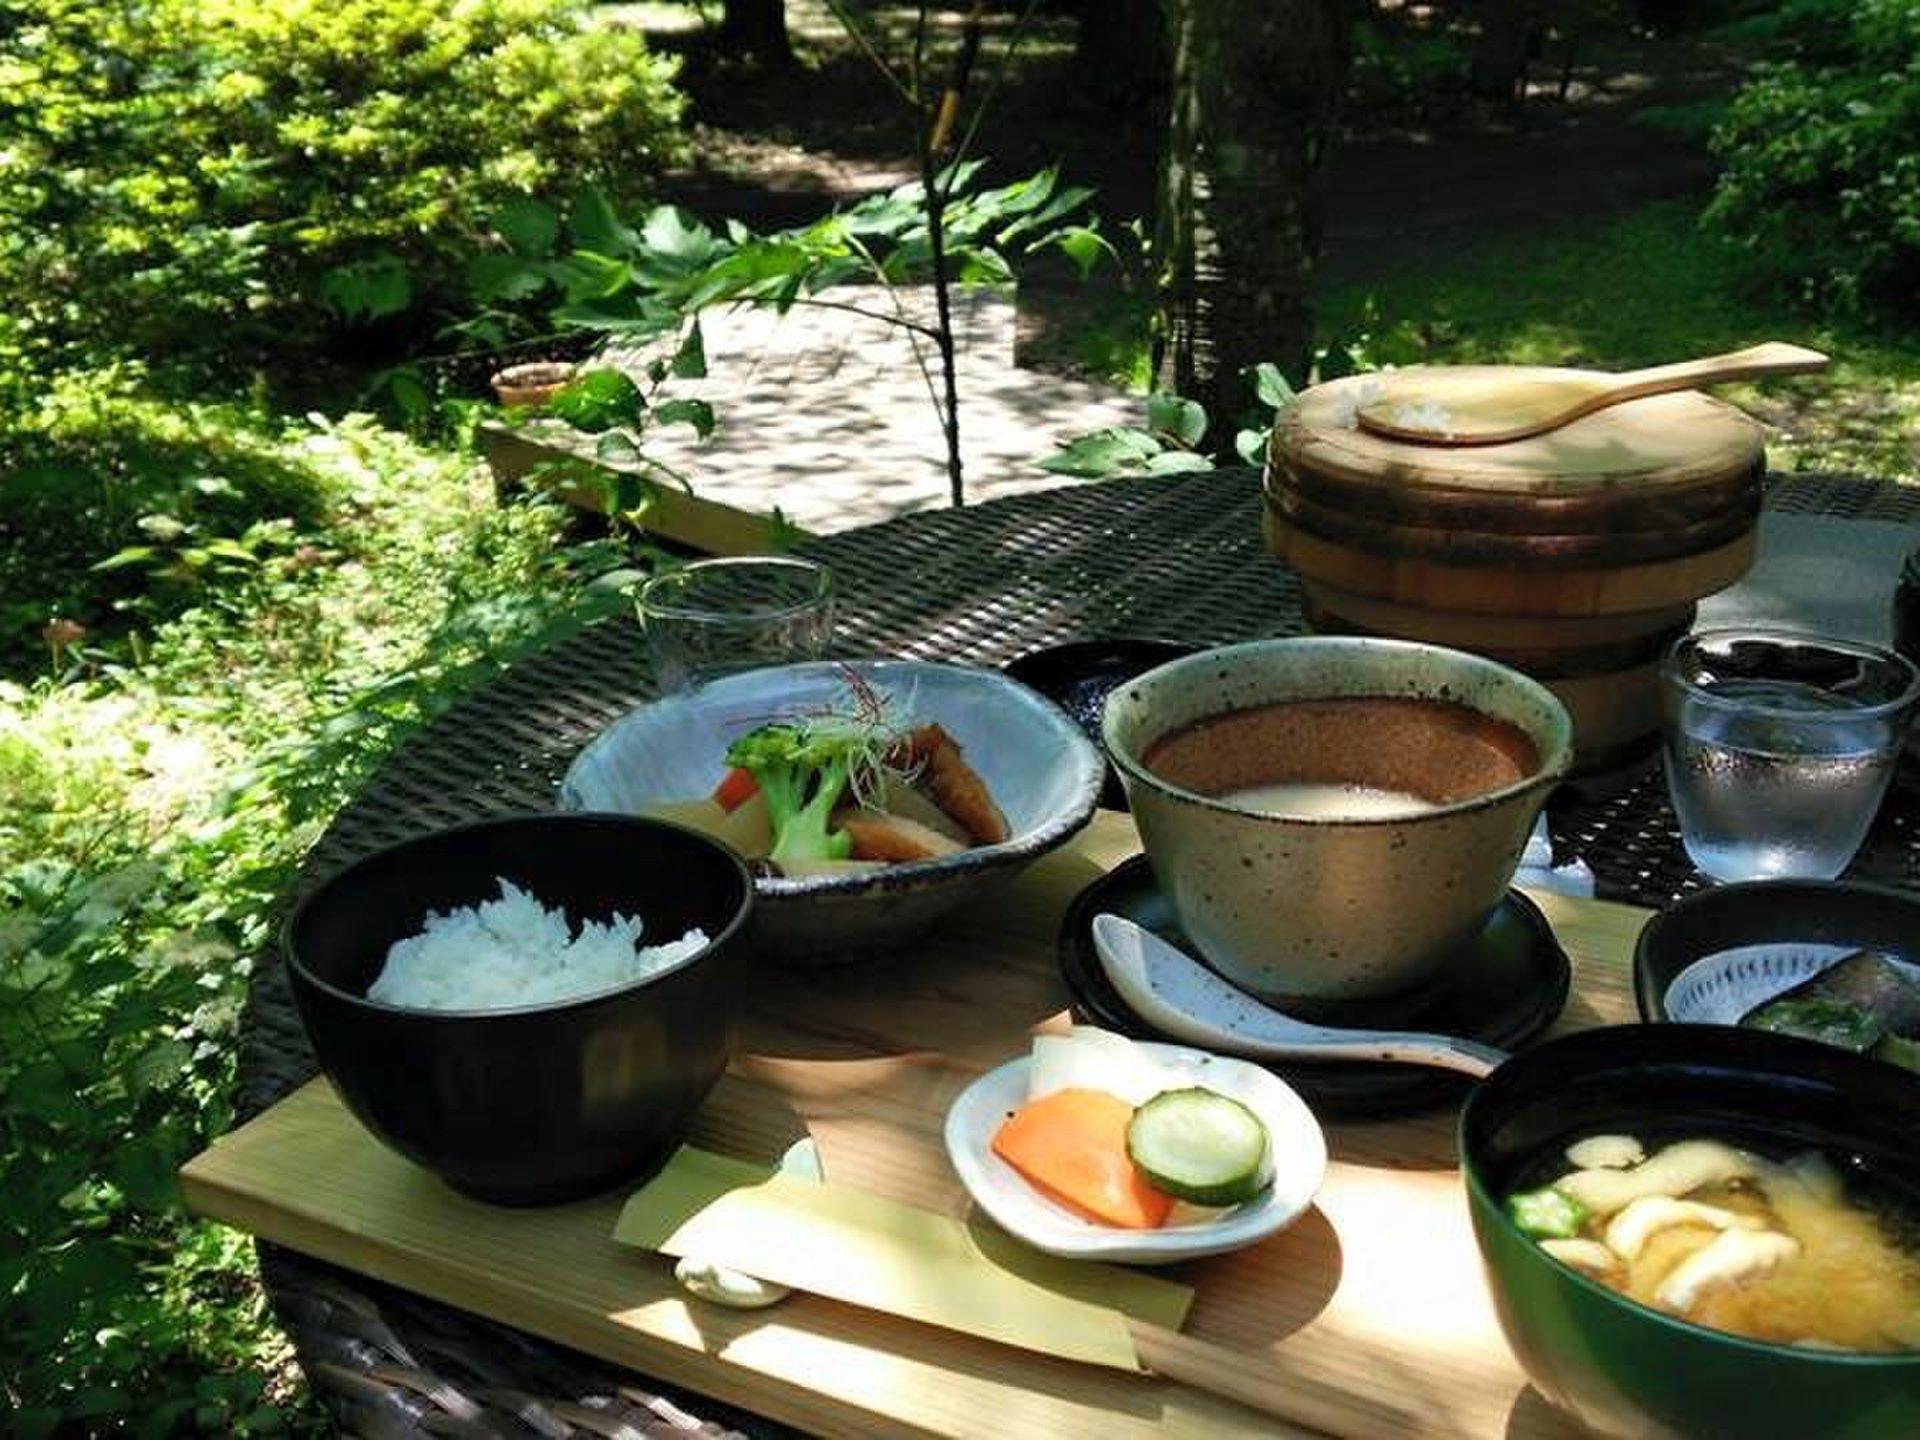 長野・軽井沢の食満喫プラン!自然の恵みを頂きにオススメ名店3選をドライブで巡りましょう☆